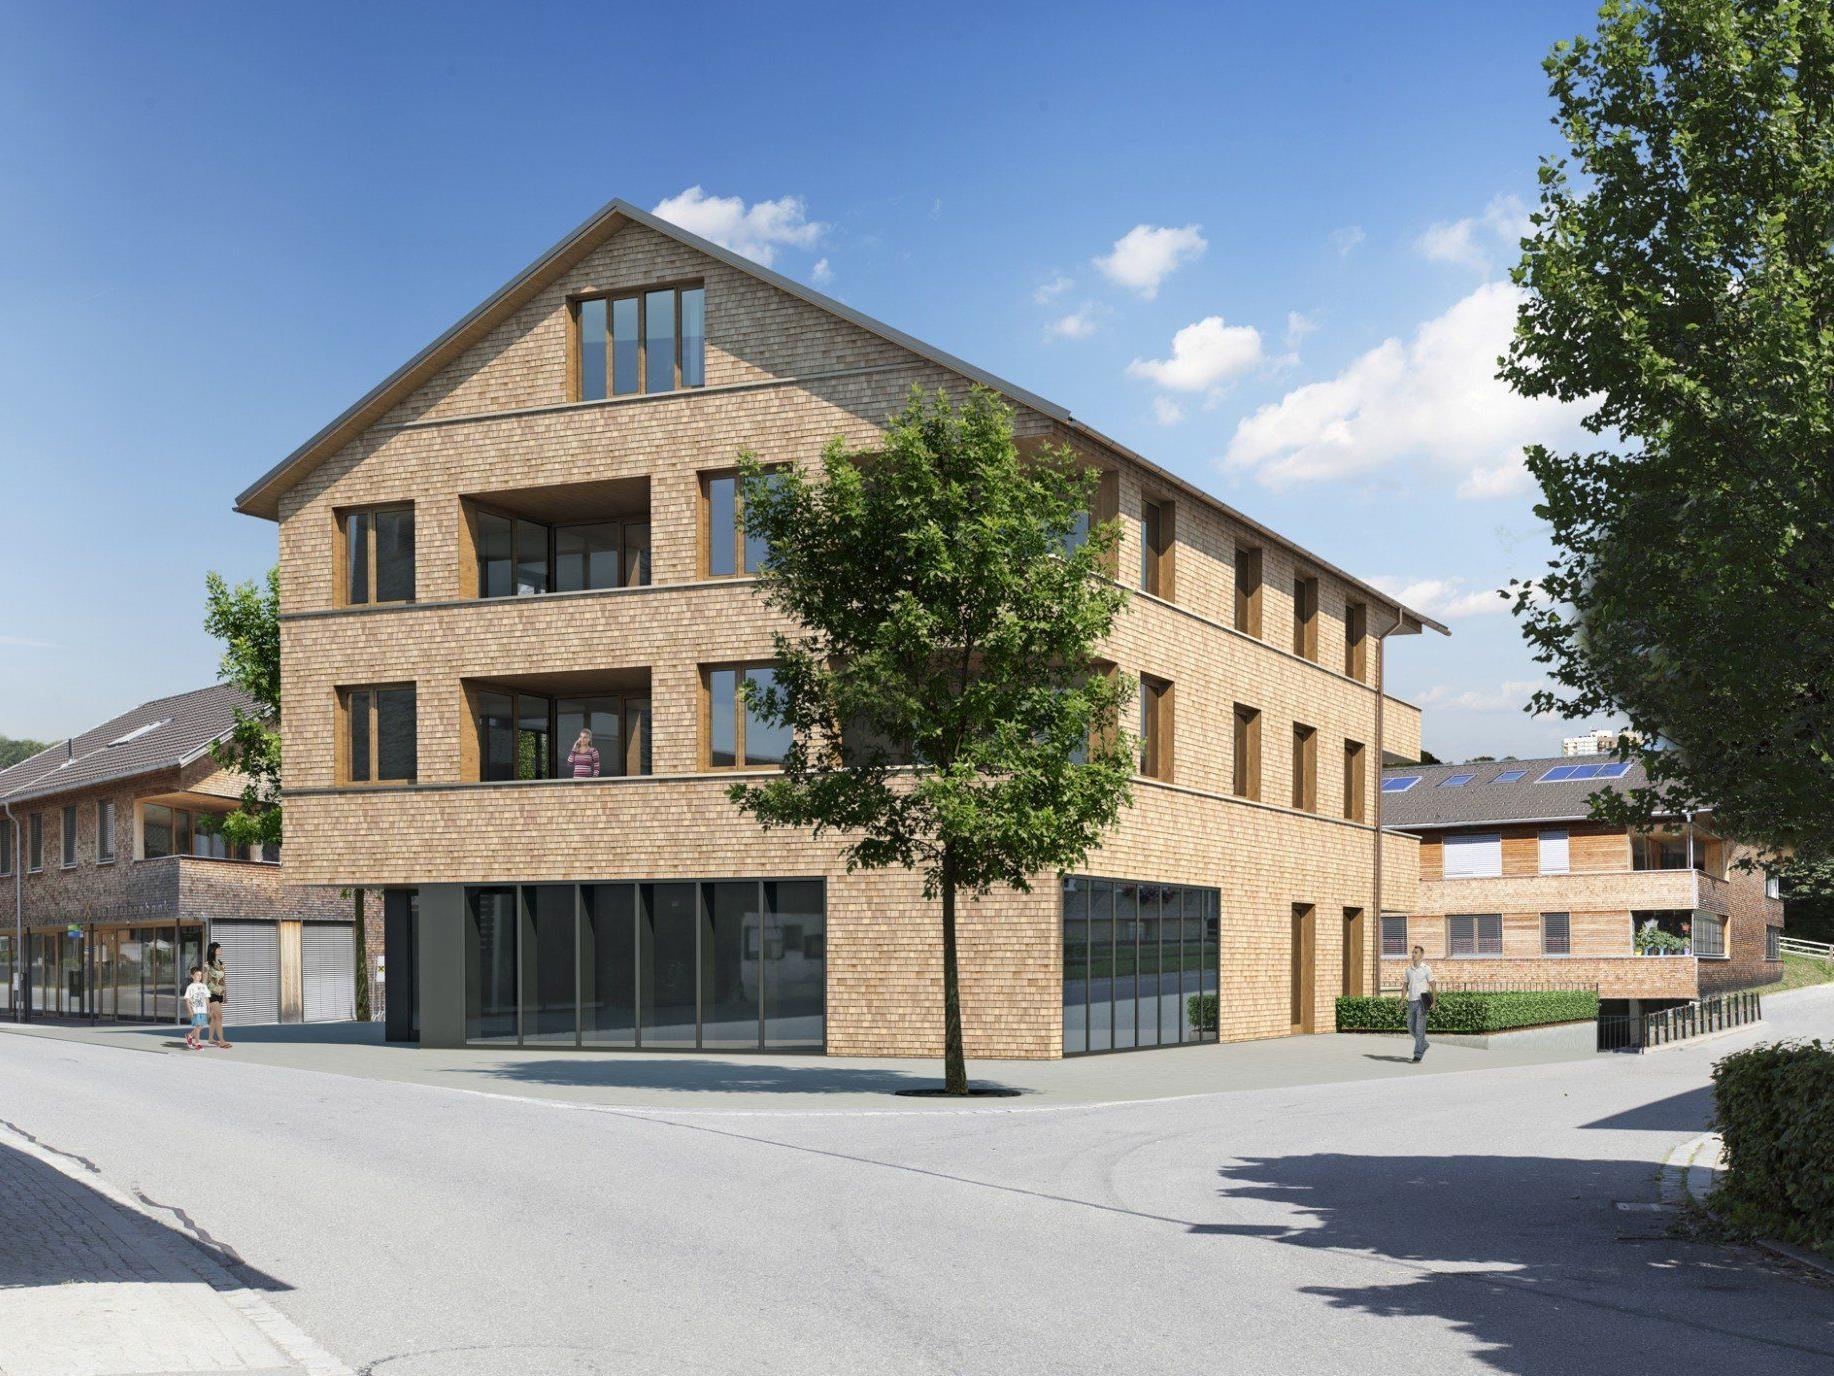 Das neue Gebäude soll die Zentrumsentwicklung in Egg-Großdorf abschließen.